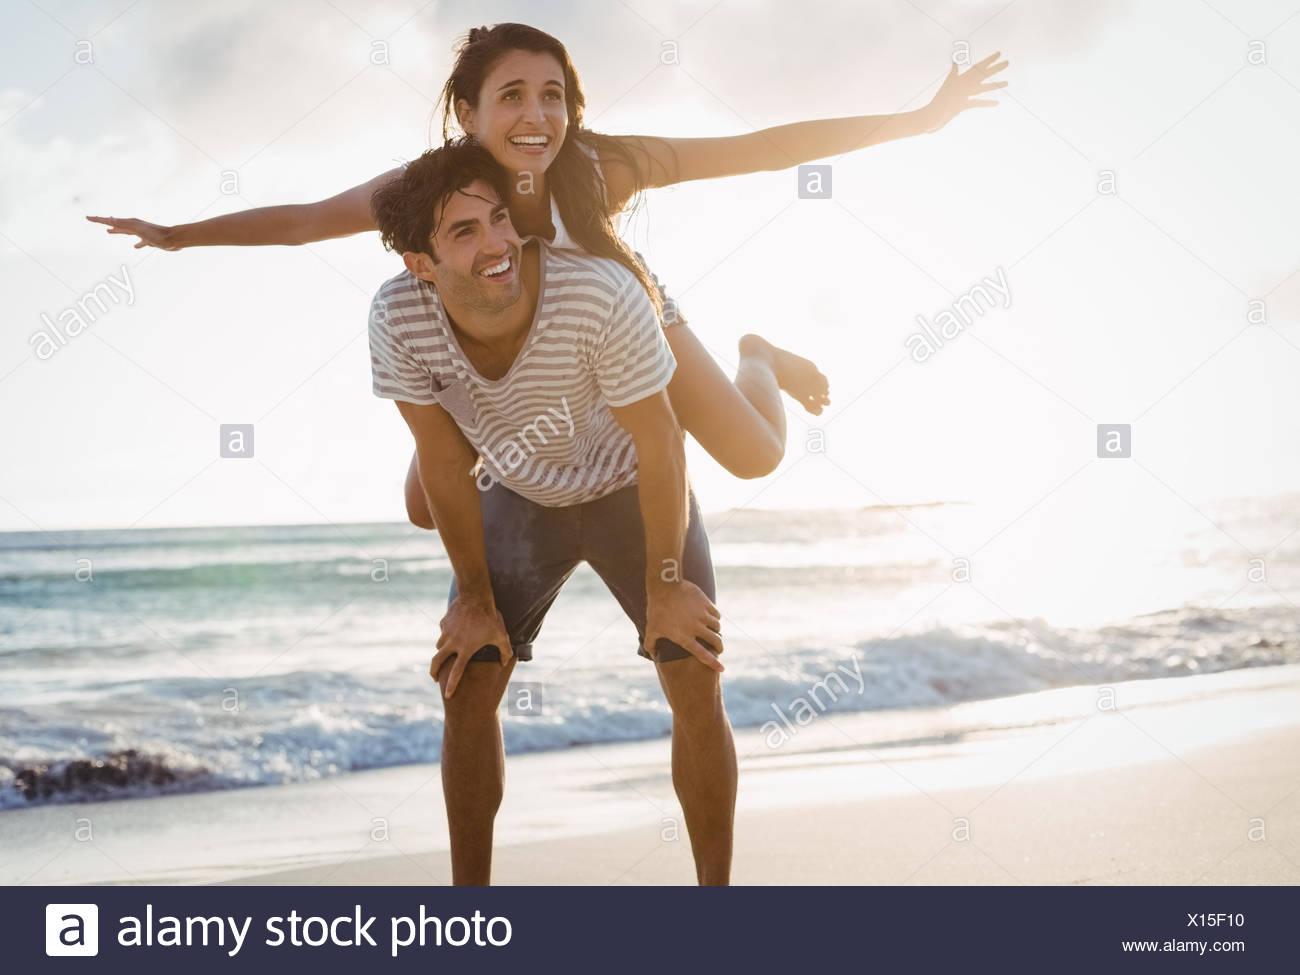 Uomo Donna dando piggyback ride Immagini Stock